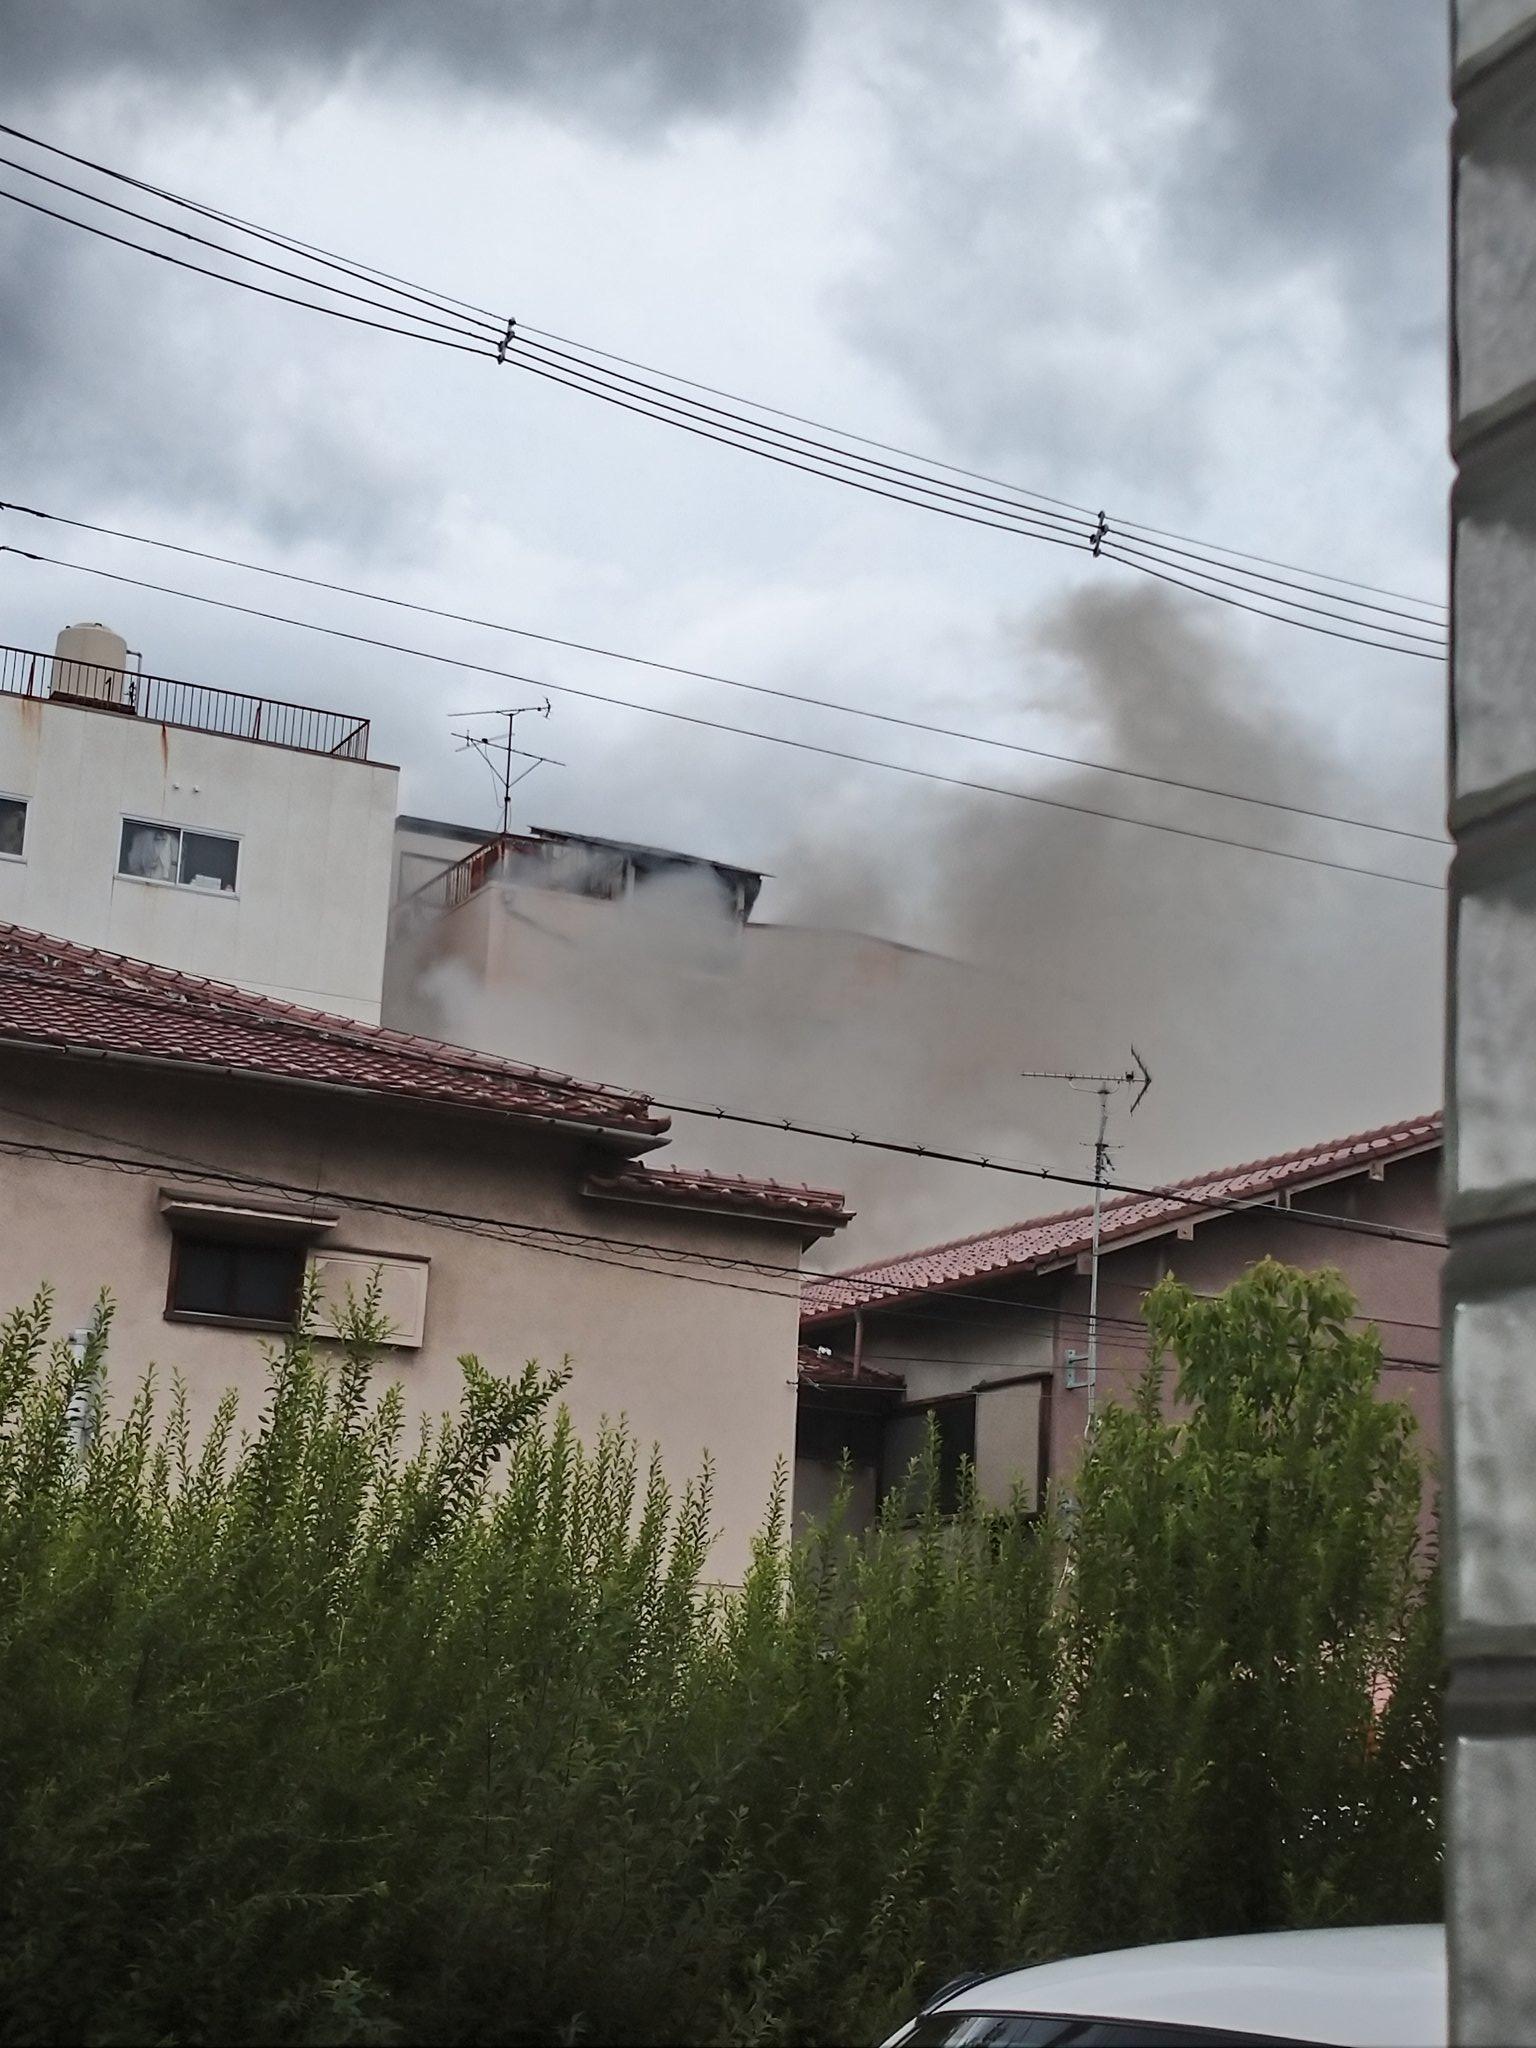 大阪市東住吉区で火事が起きている現場の画像